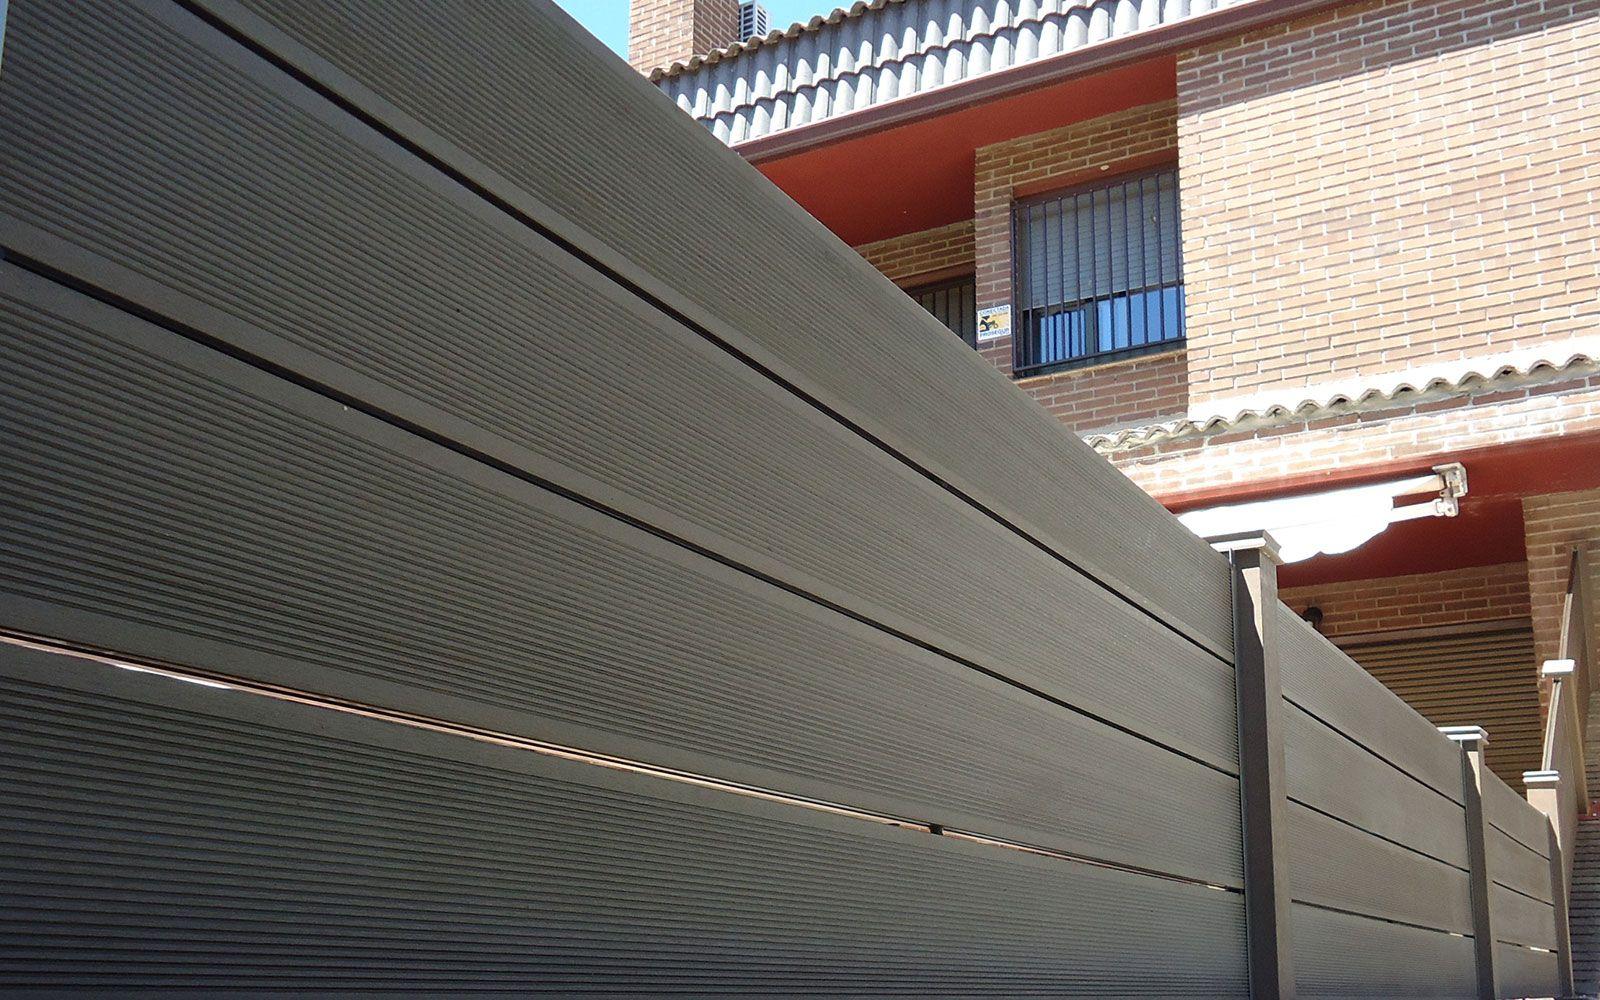 detalle de vallado exterior madera sinttica entre chalets dos caras vistas